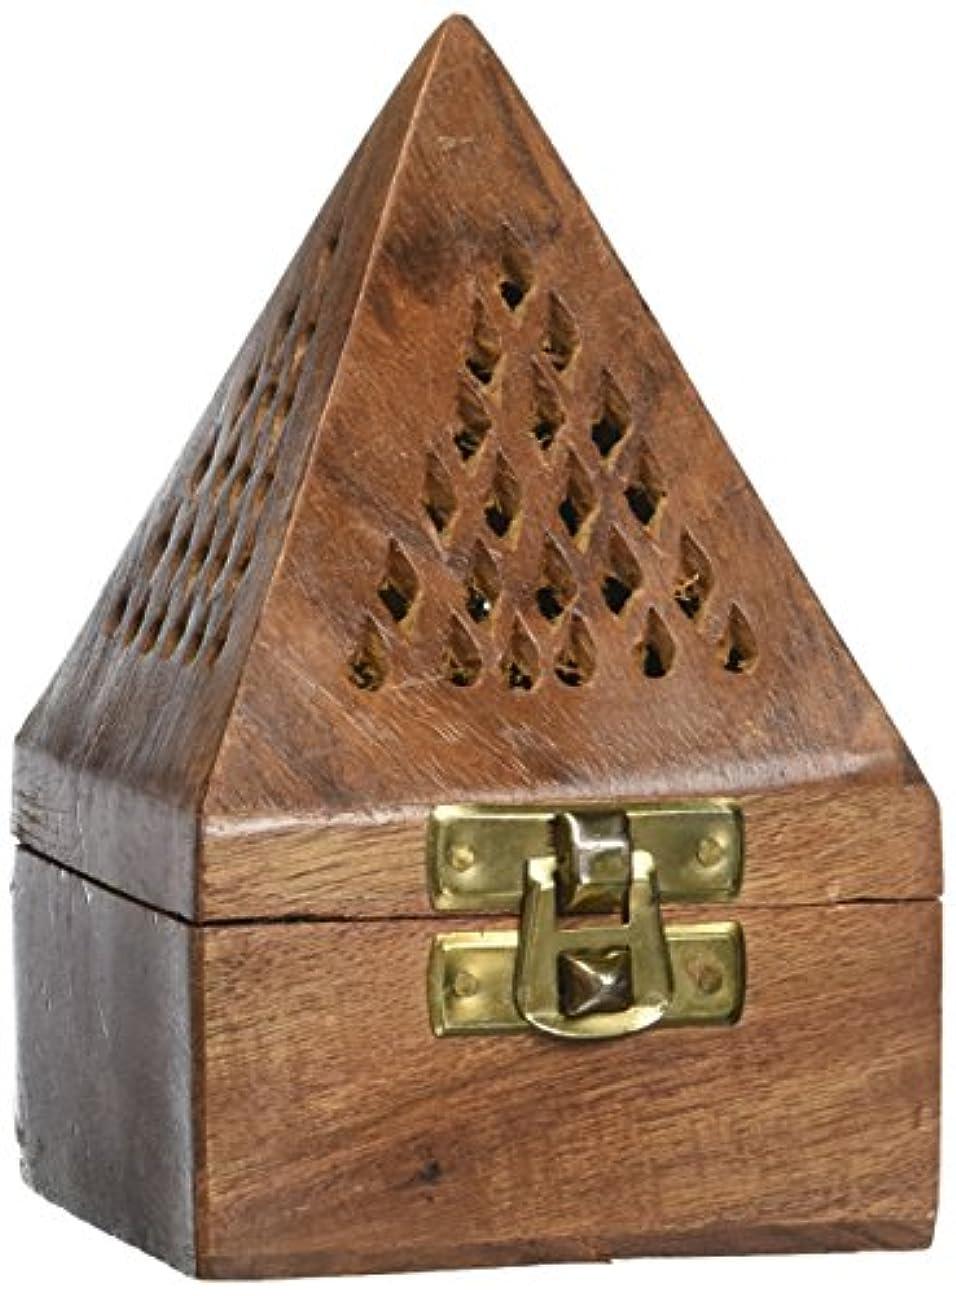 挨拶かる許されるクリスマスまたはThanks Giving Dayギフト、木製クラシックピラミッドスタイルBurner、Dhoopホルダーwith Base正方形とトップ円錐形状Dhoopホルダー、メジャー7.5インチ